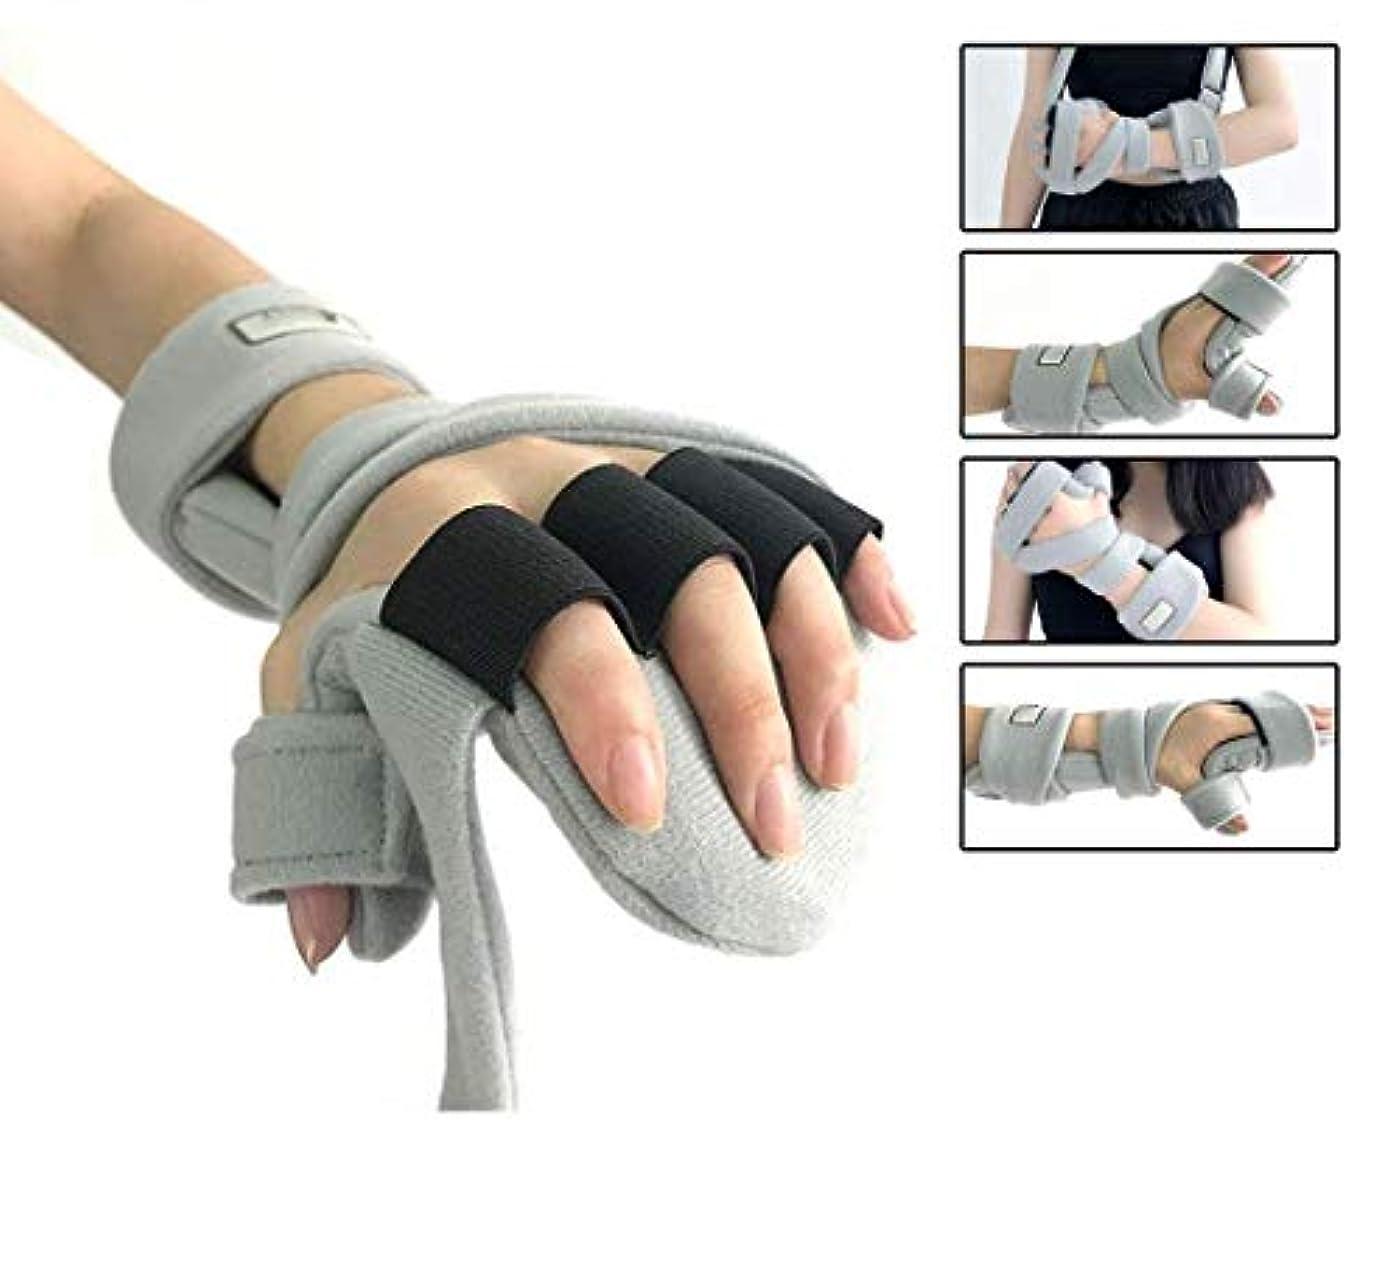 本質的ではない取り組むイヤホン手首サポート副木サポート、痛み腱炎のための指手首骨折固定足場骨折関節炎脱臼捻rain,Lefthand